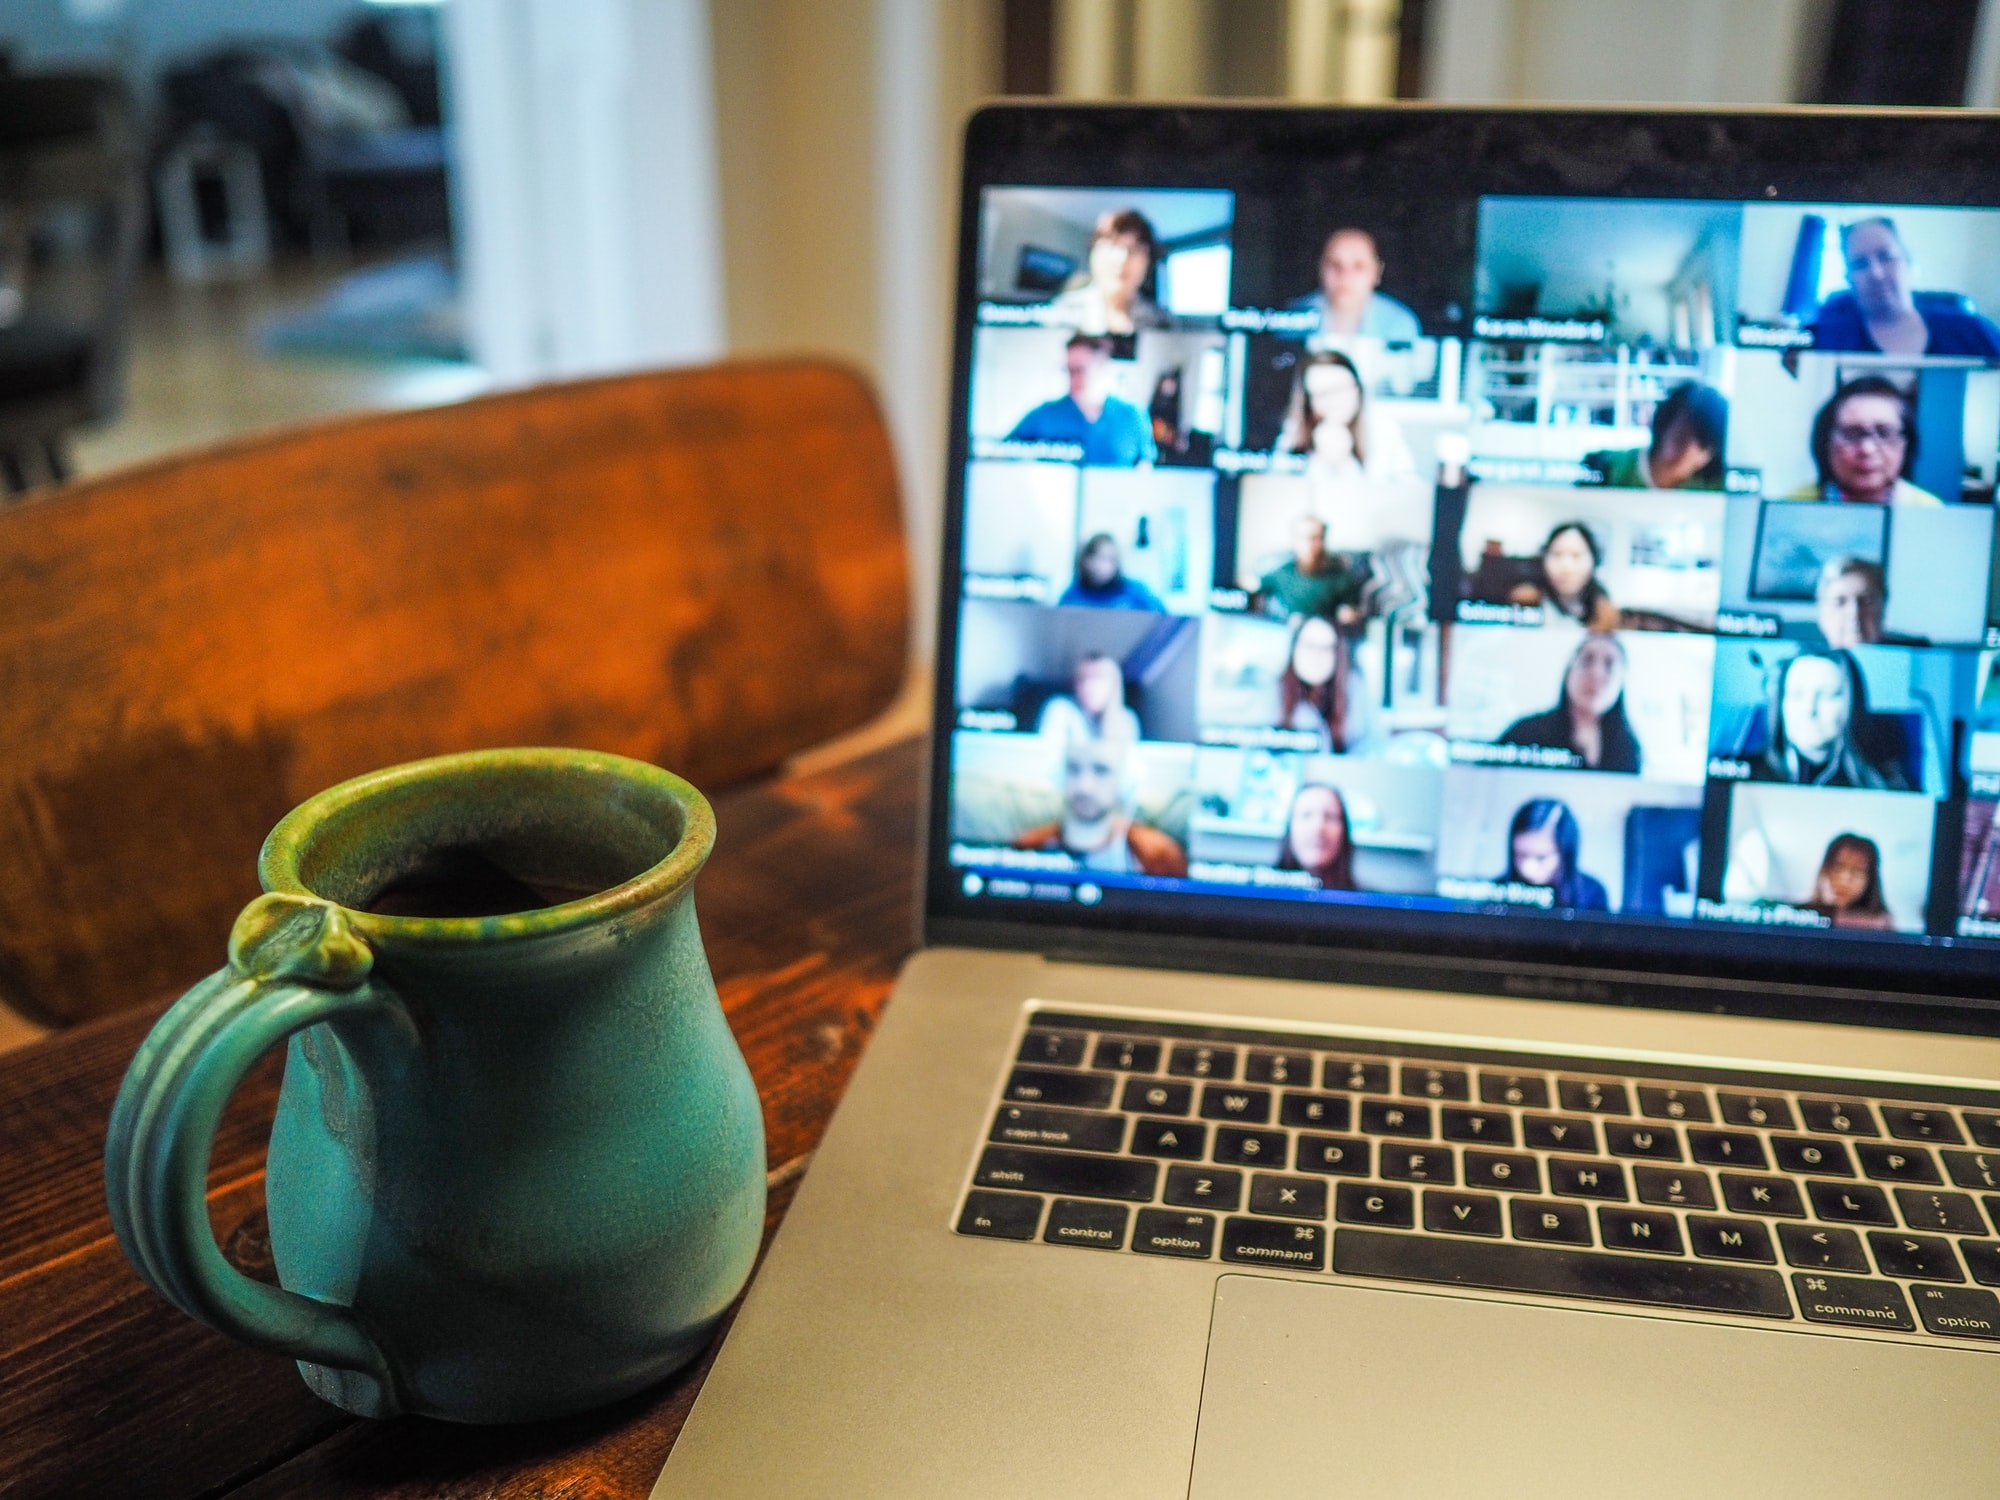 Тренды в онлайн-продажах  которые увеличат прибыль